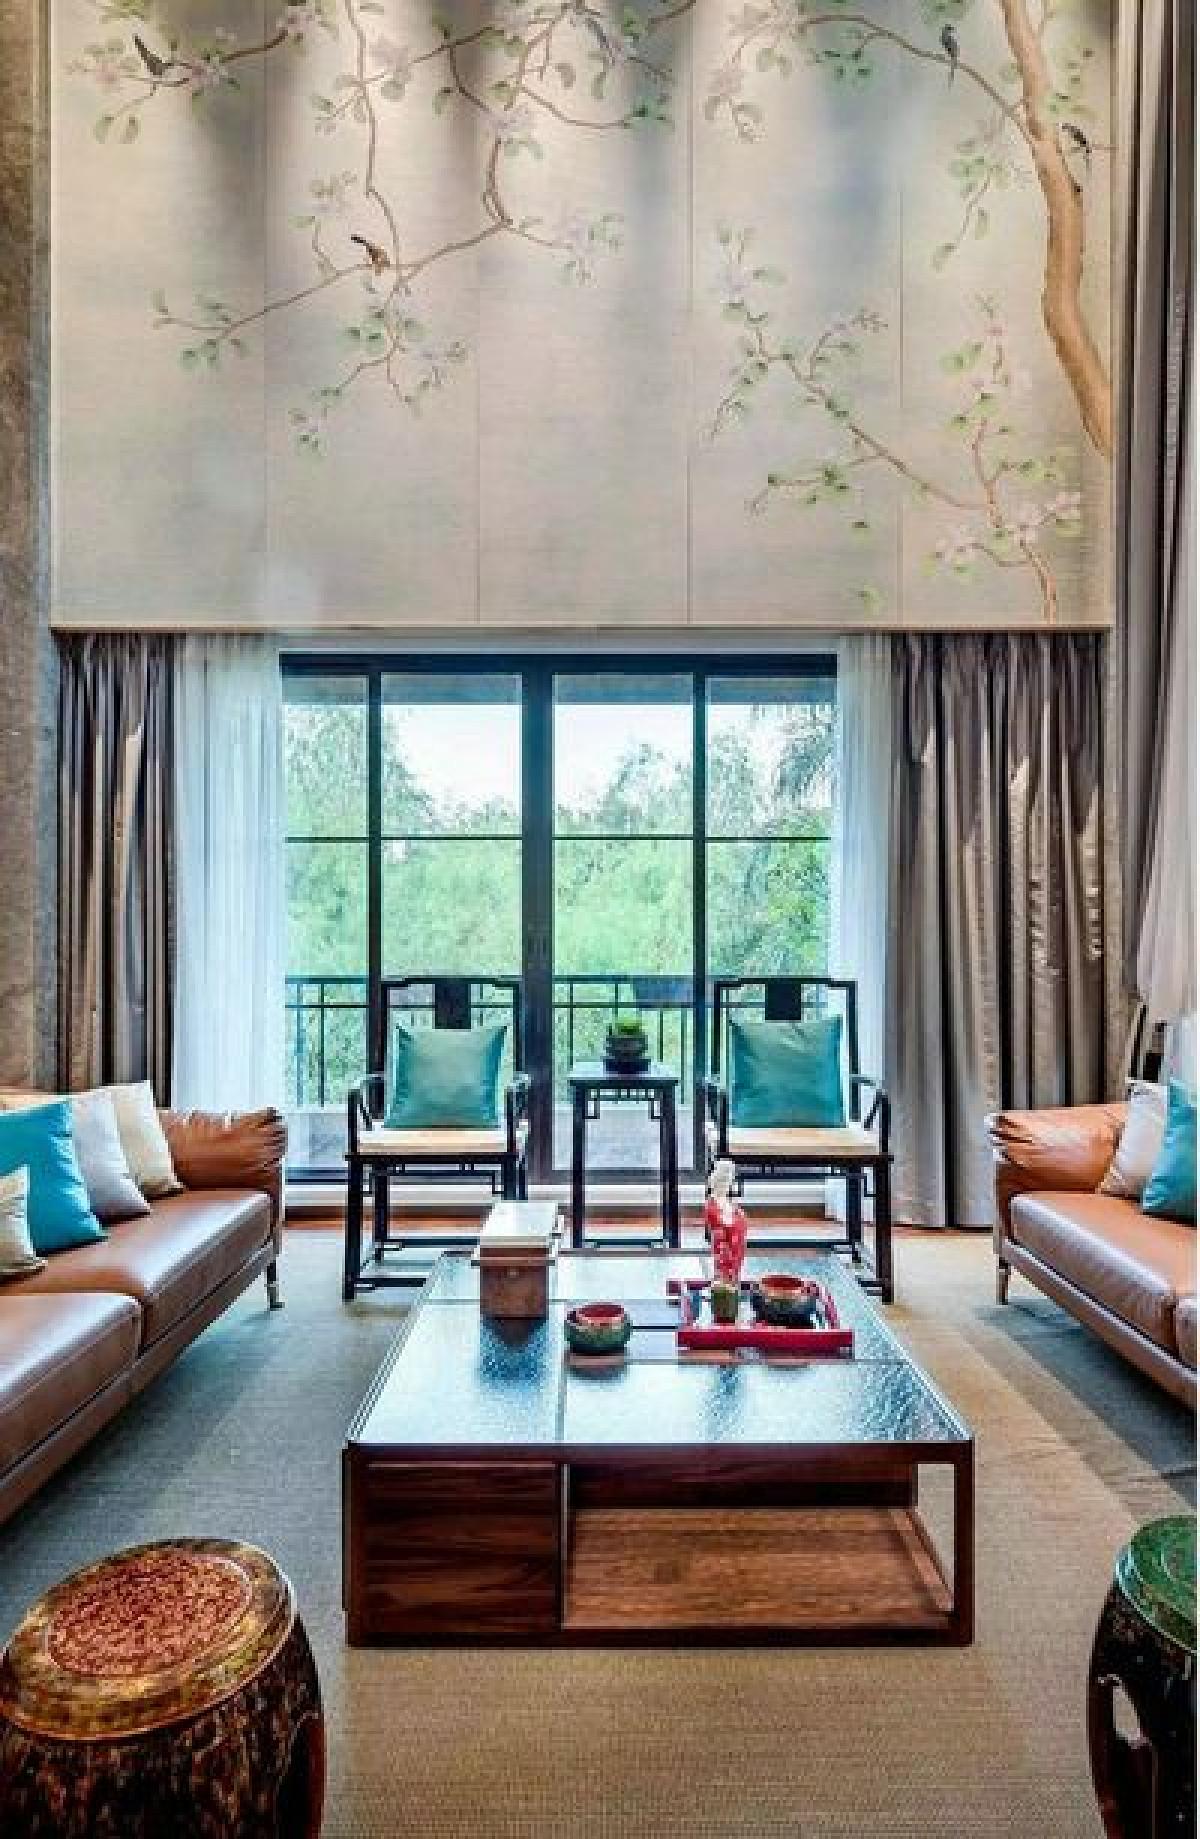 为满足居住者的收藏需求,设计师在书房摆放了方正的红木书桌,搭配官帽椅,古色古香。简约的空间设计很好的平衡了红木家具带来的厚重感,渲染出沉稳儒雅的空间氛围。